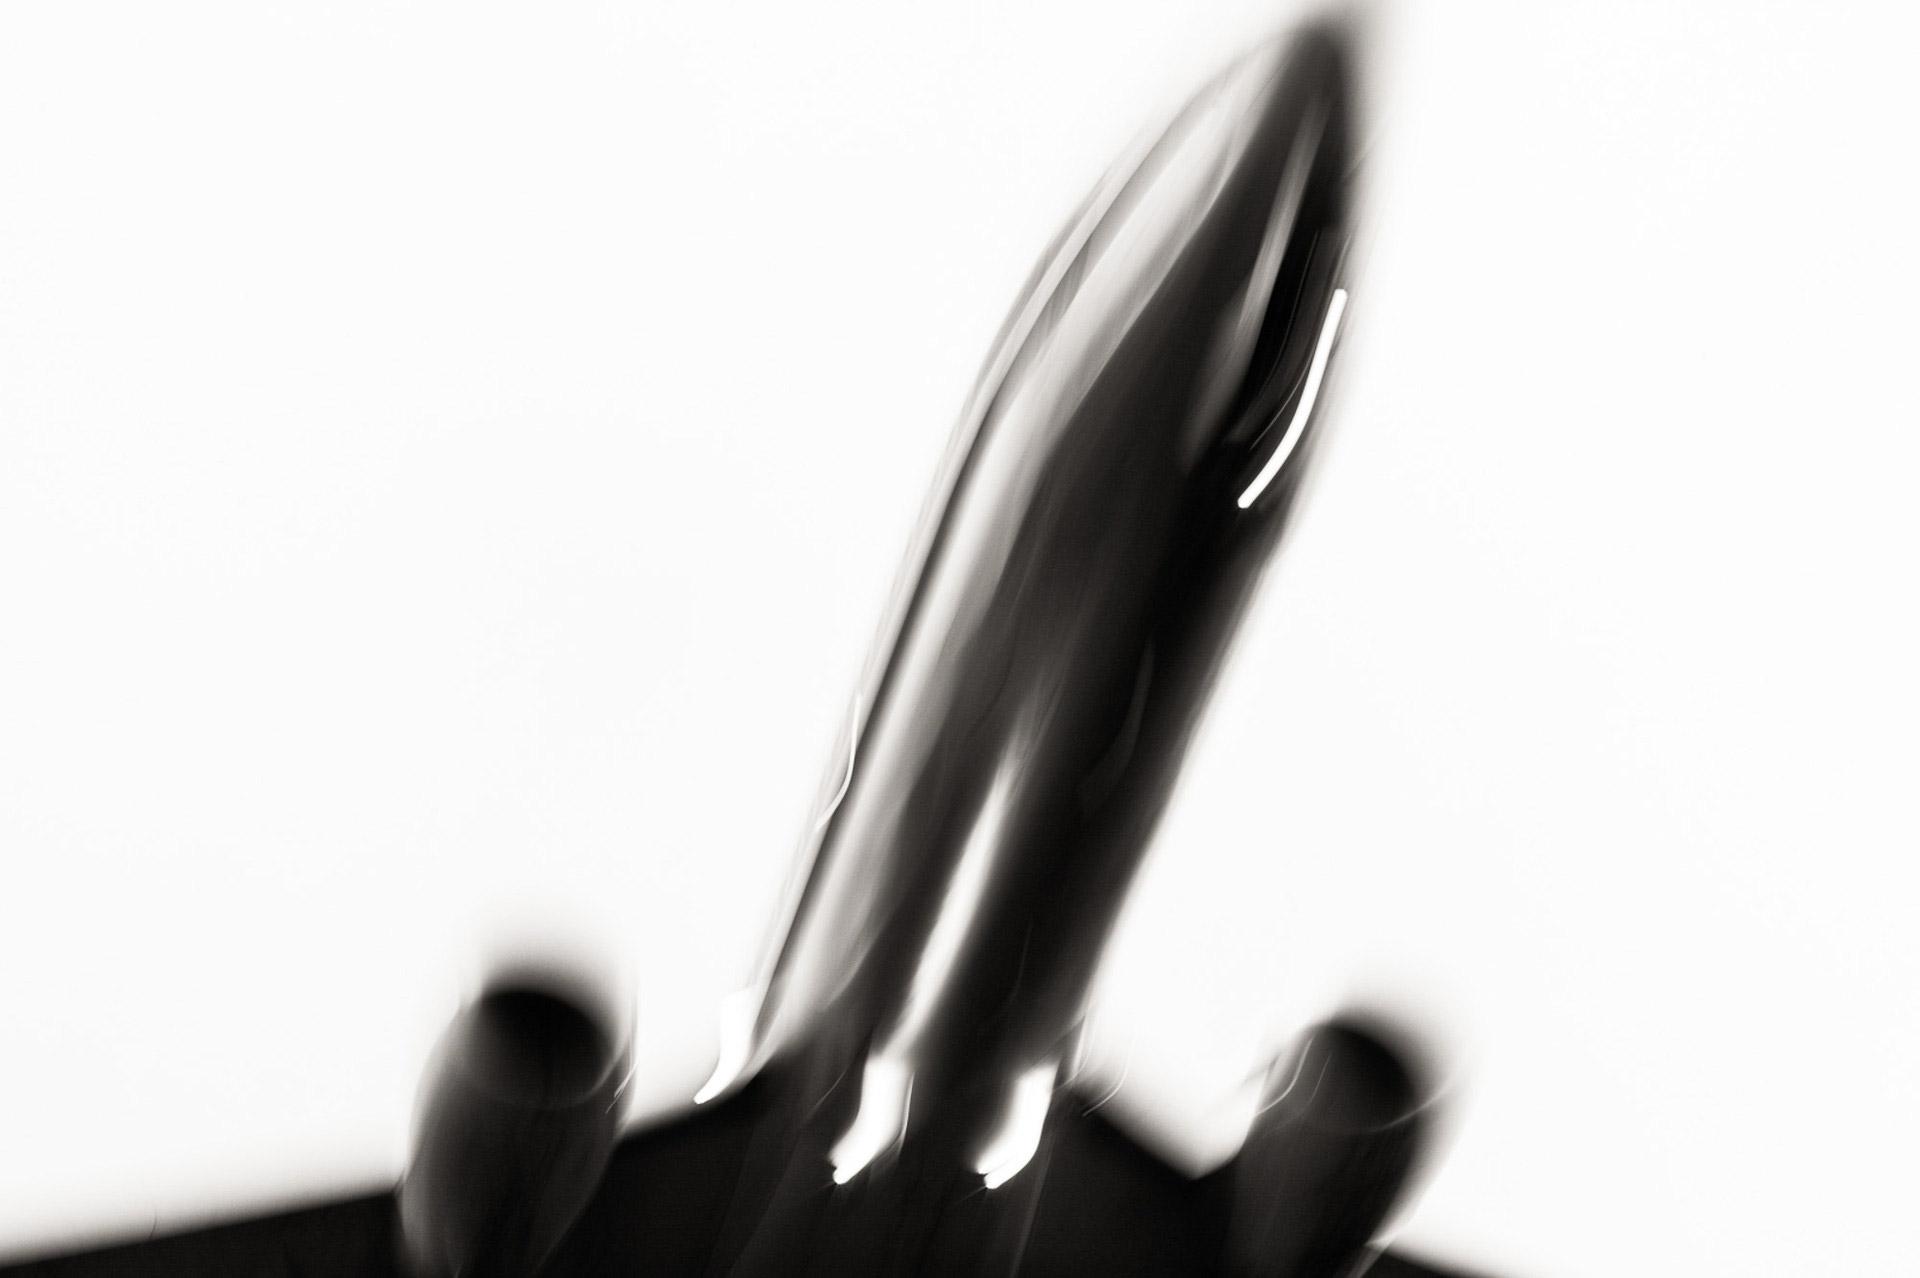 «Акробат», © Крис А. Уильямс / Chris A. Williams, Вашингтон, США, Первое место в категории «Вещи», Фотоконкурс «Одна жизнь» — One Life Awards